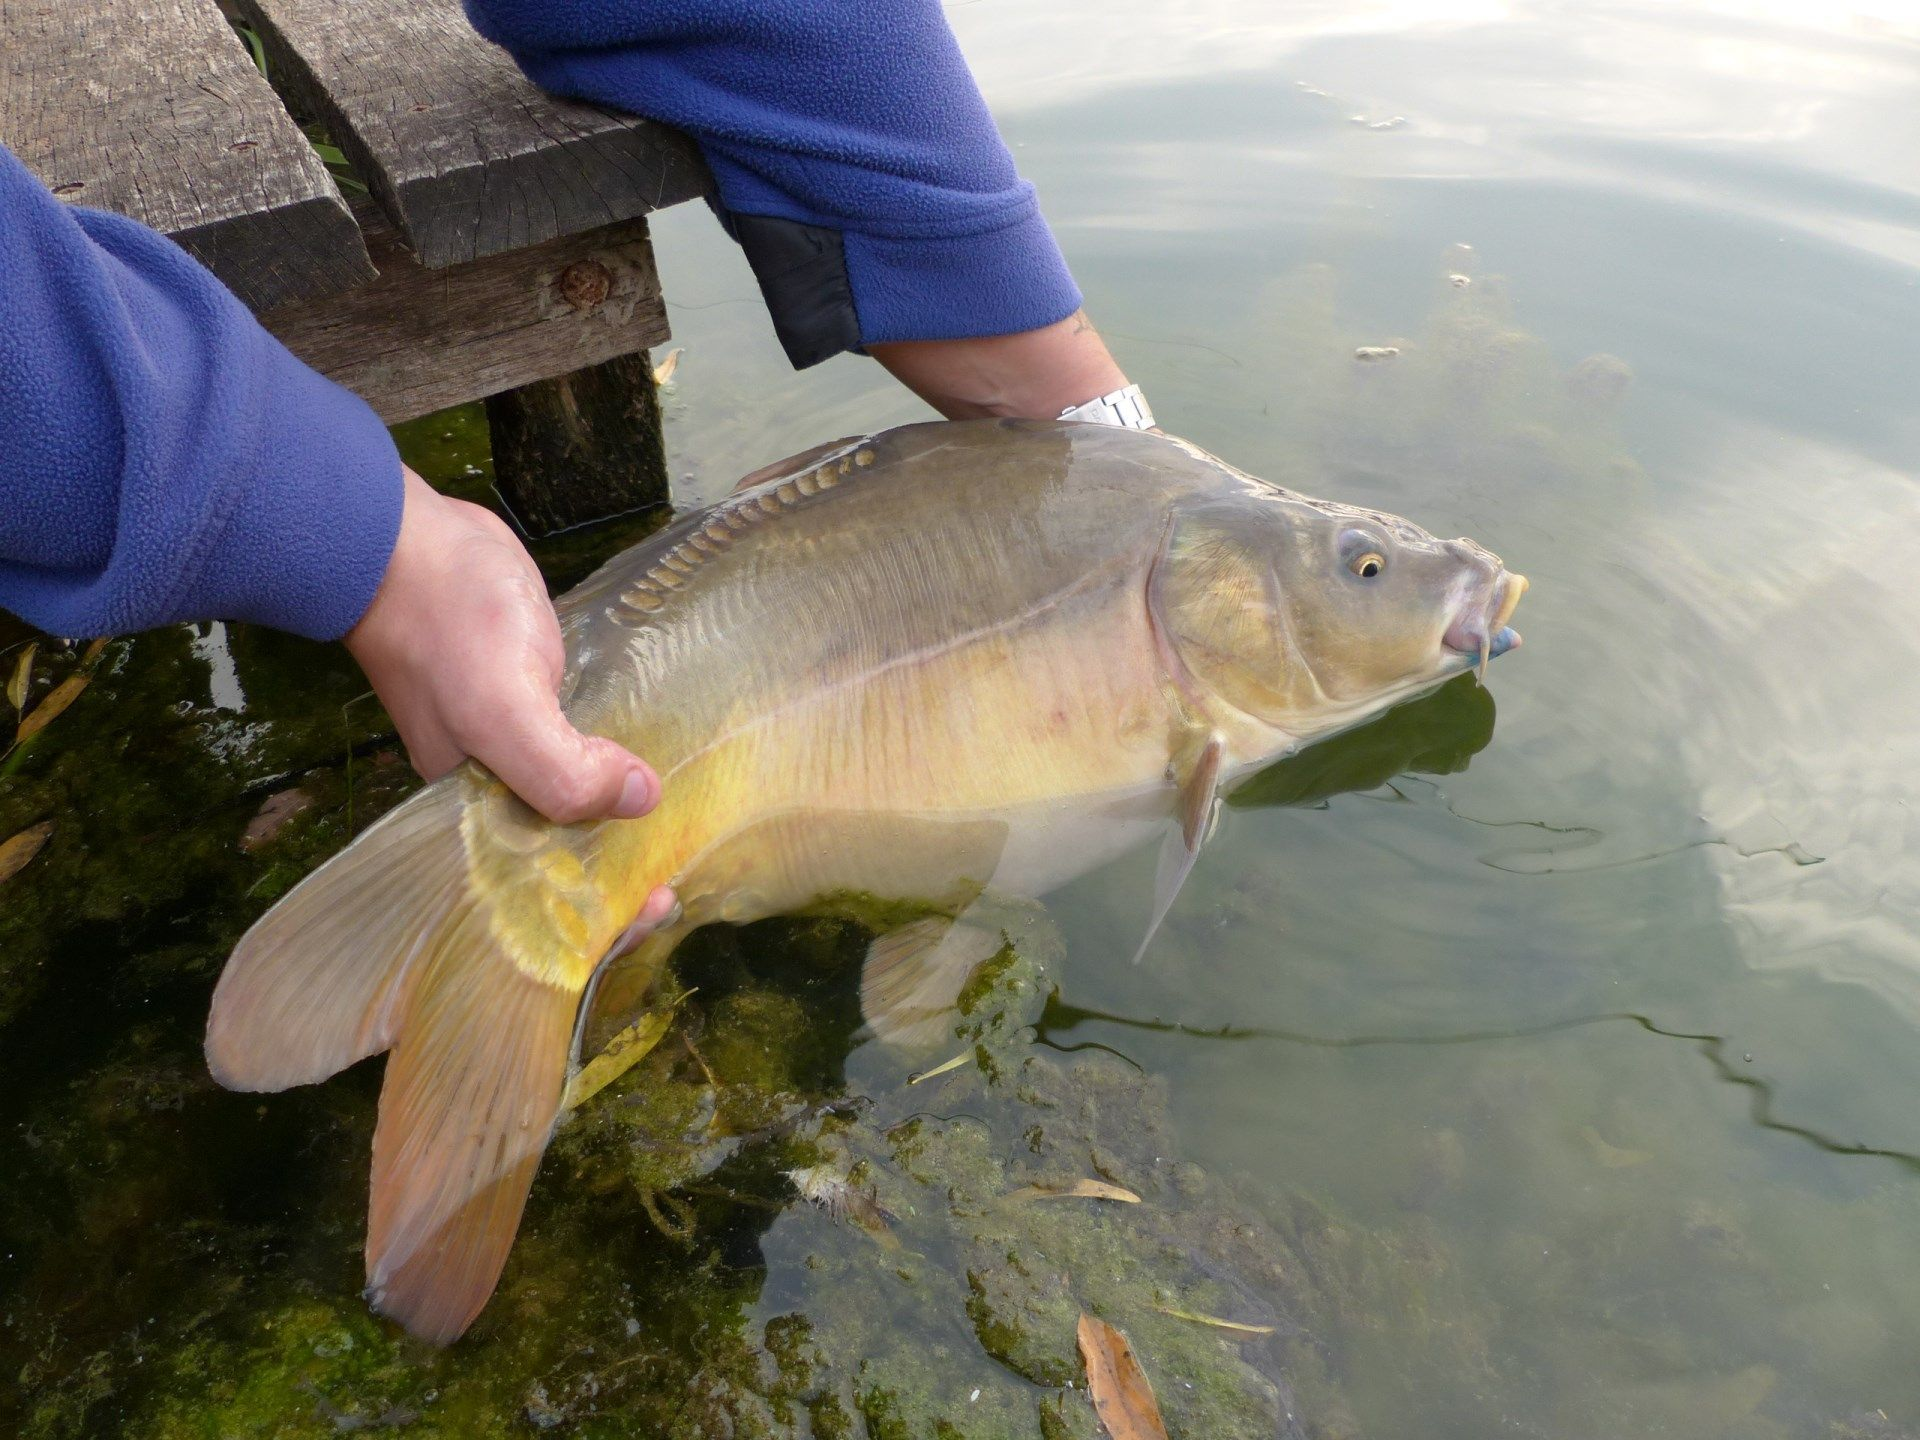 Mérettől függetlenül minden hal visszanyerte a szabadságát. A jövőnk a mi kezünkben van!